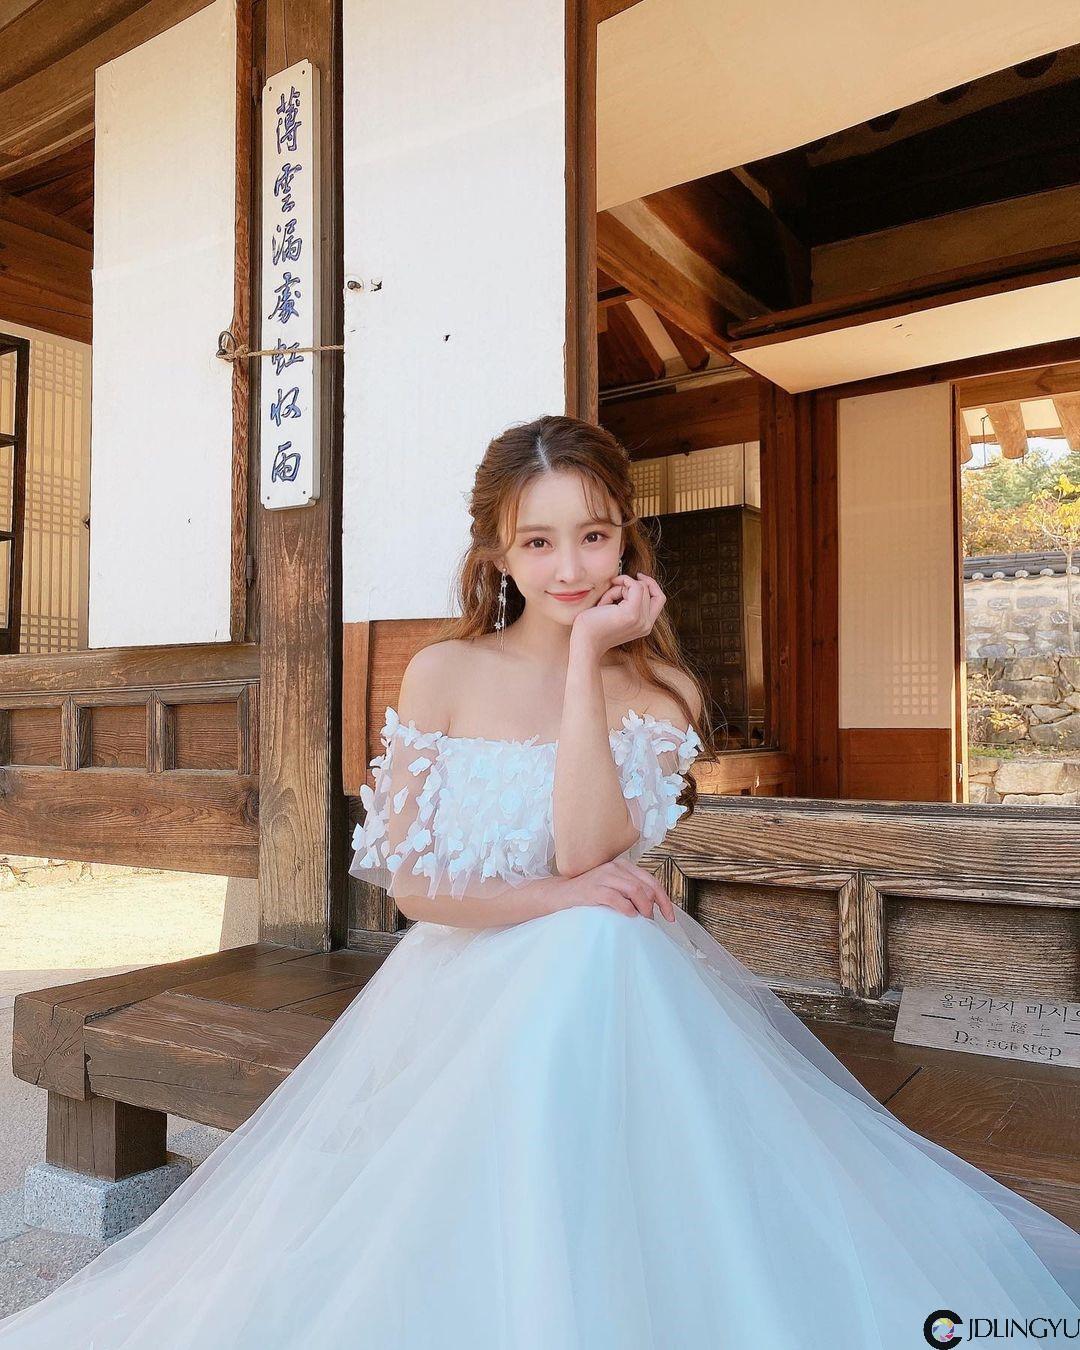 爱穿蓝色紧身衣的火辣童颜妹「이해른」,过生日时转换「性感成熟风」!